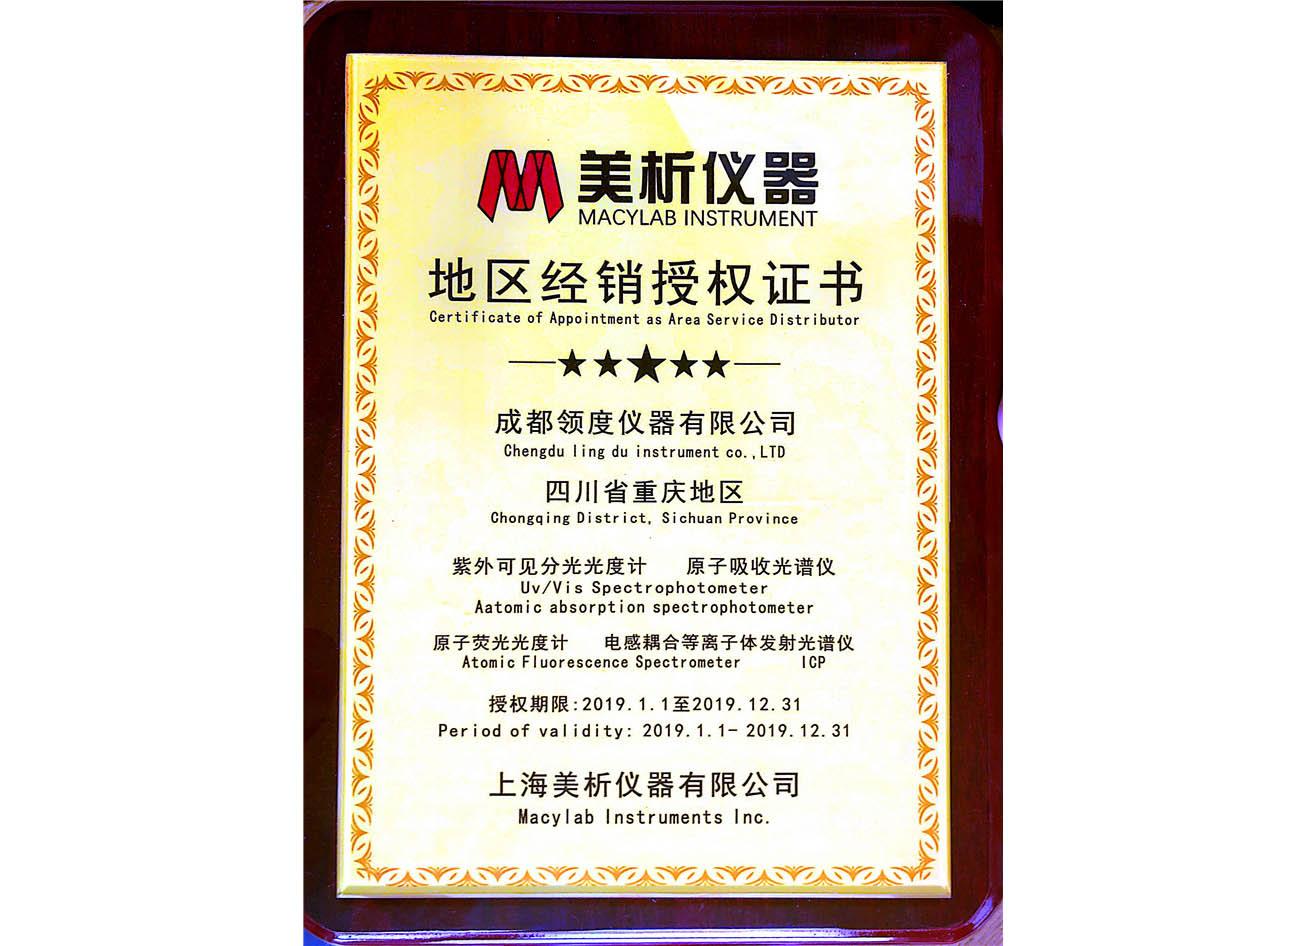 领度仪器地区经销授权证书